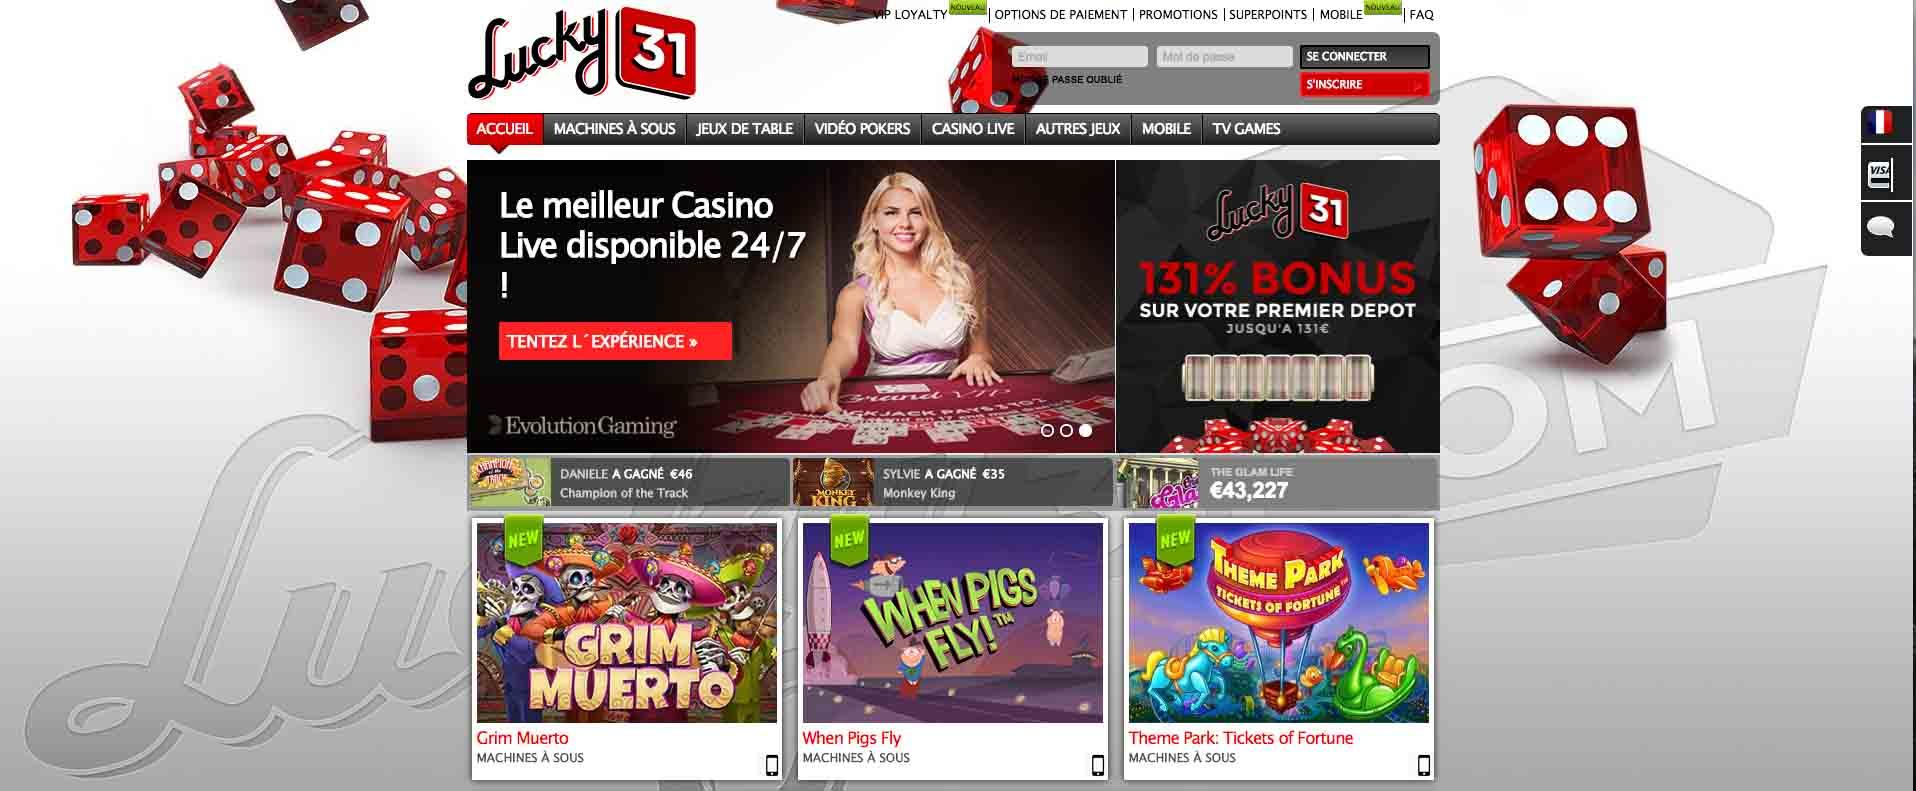 ou-trouver-les-meilleurs-casinos-en-ligne-lucky31-casino